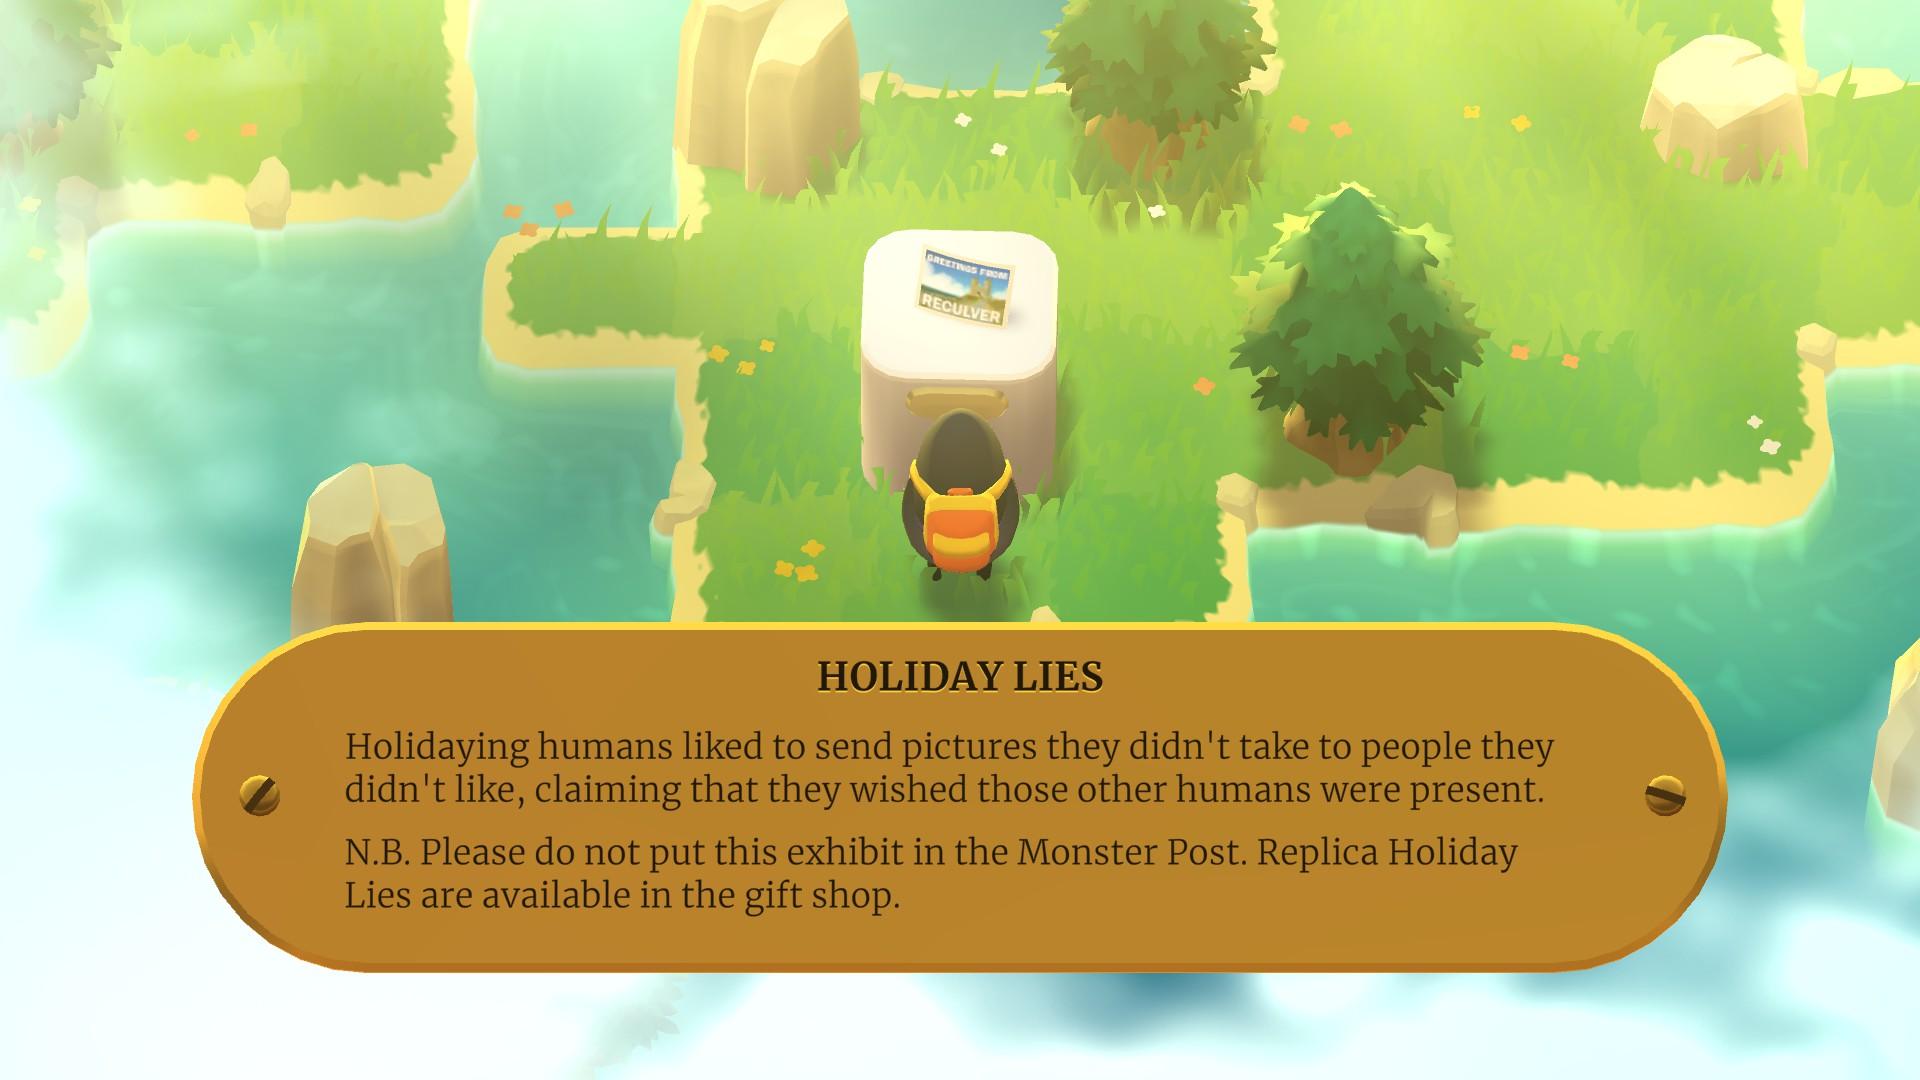 Una captura de pantalla de la Expedición de un monstruo que muestra al monstruo en cuestión observando la exhibición de una postal: 'mentiras navideñas'.